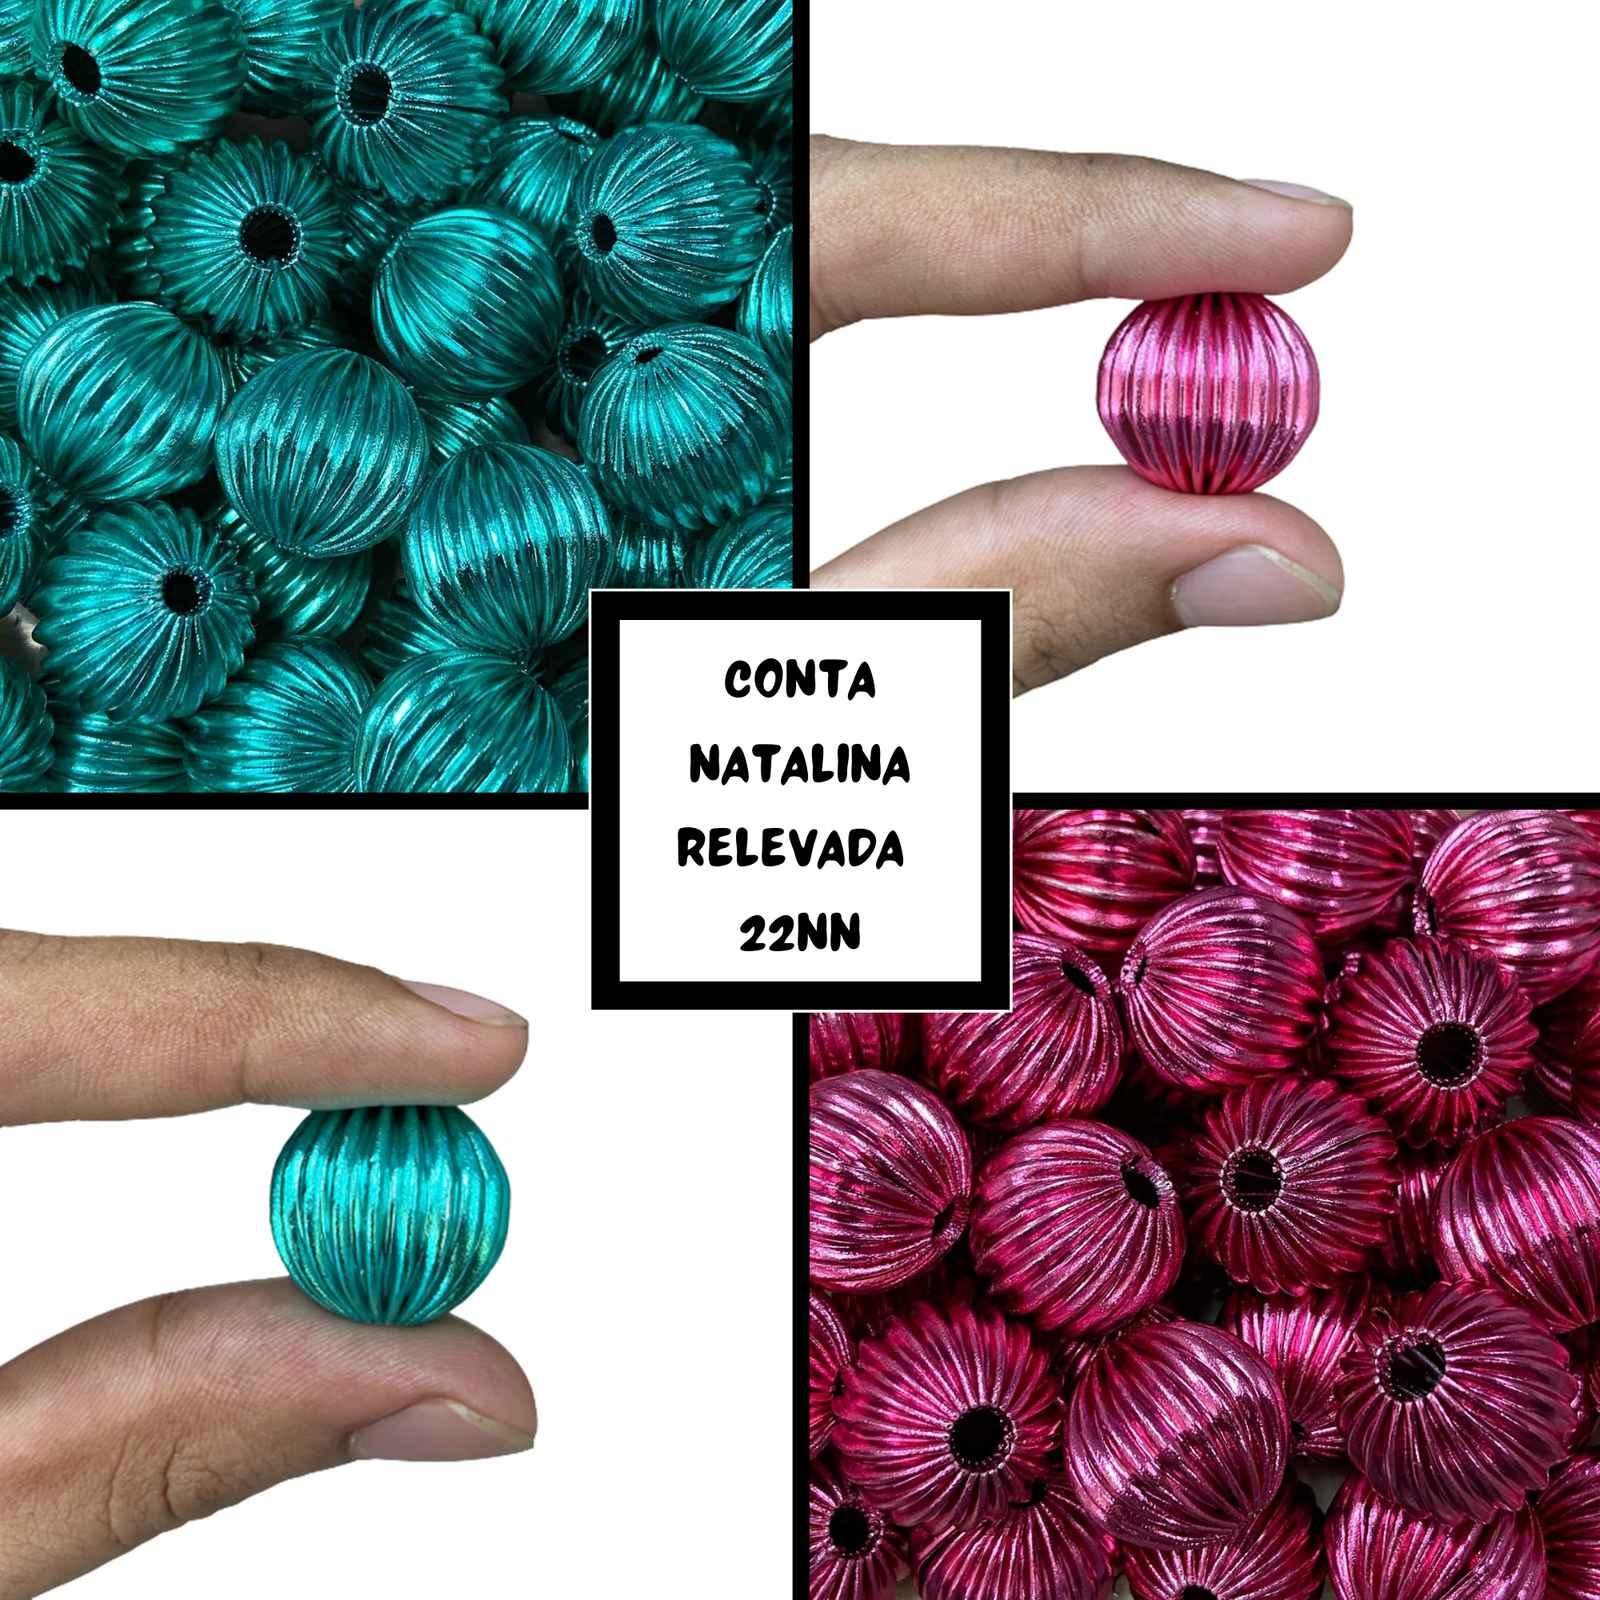 Conta Natalina Relevada 22mm - 10un